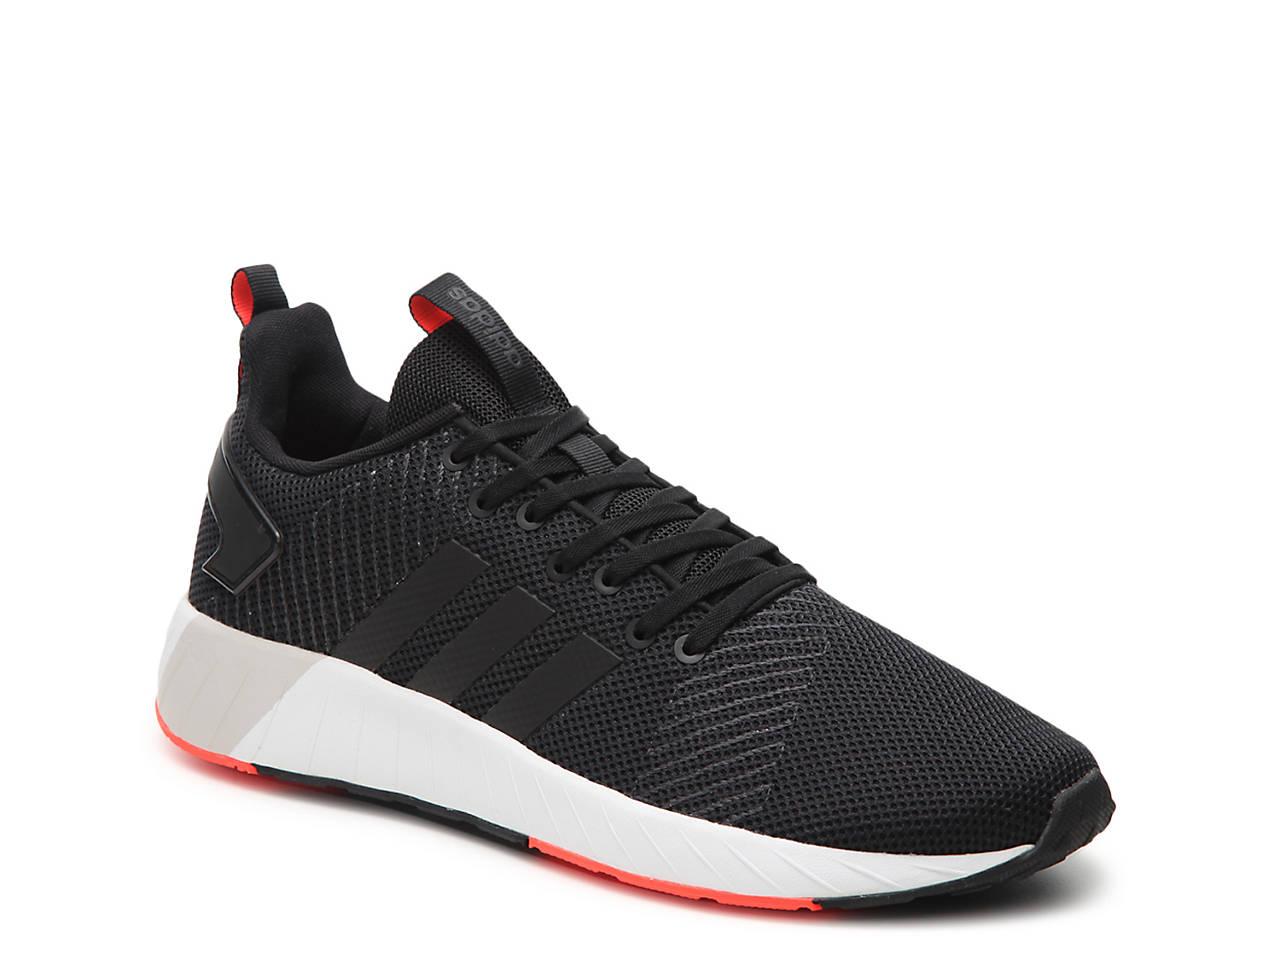 b925f07b1a0 adidas Questar BYD - Men s Men s Shoes